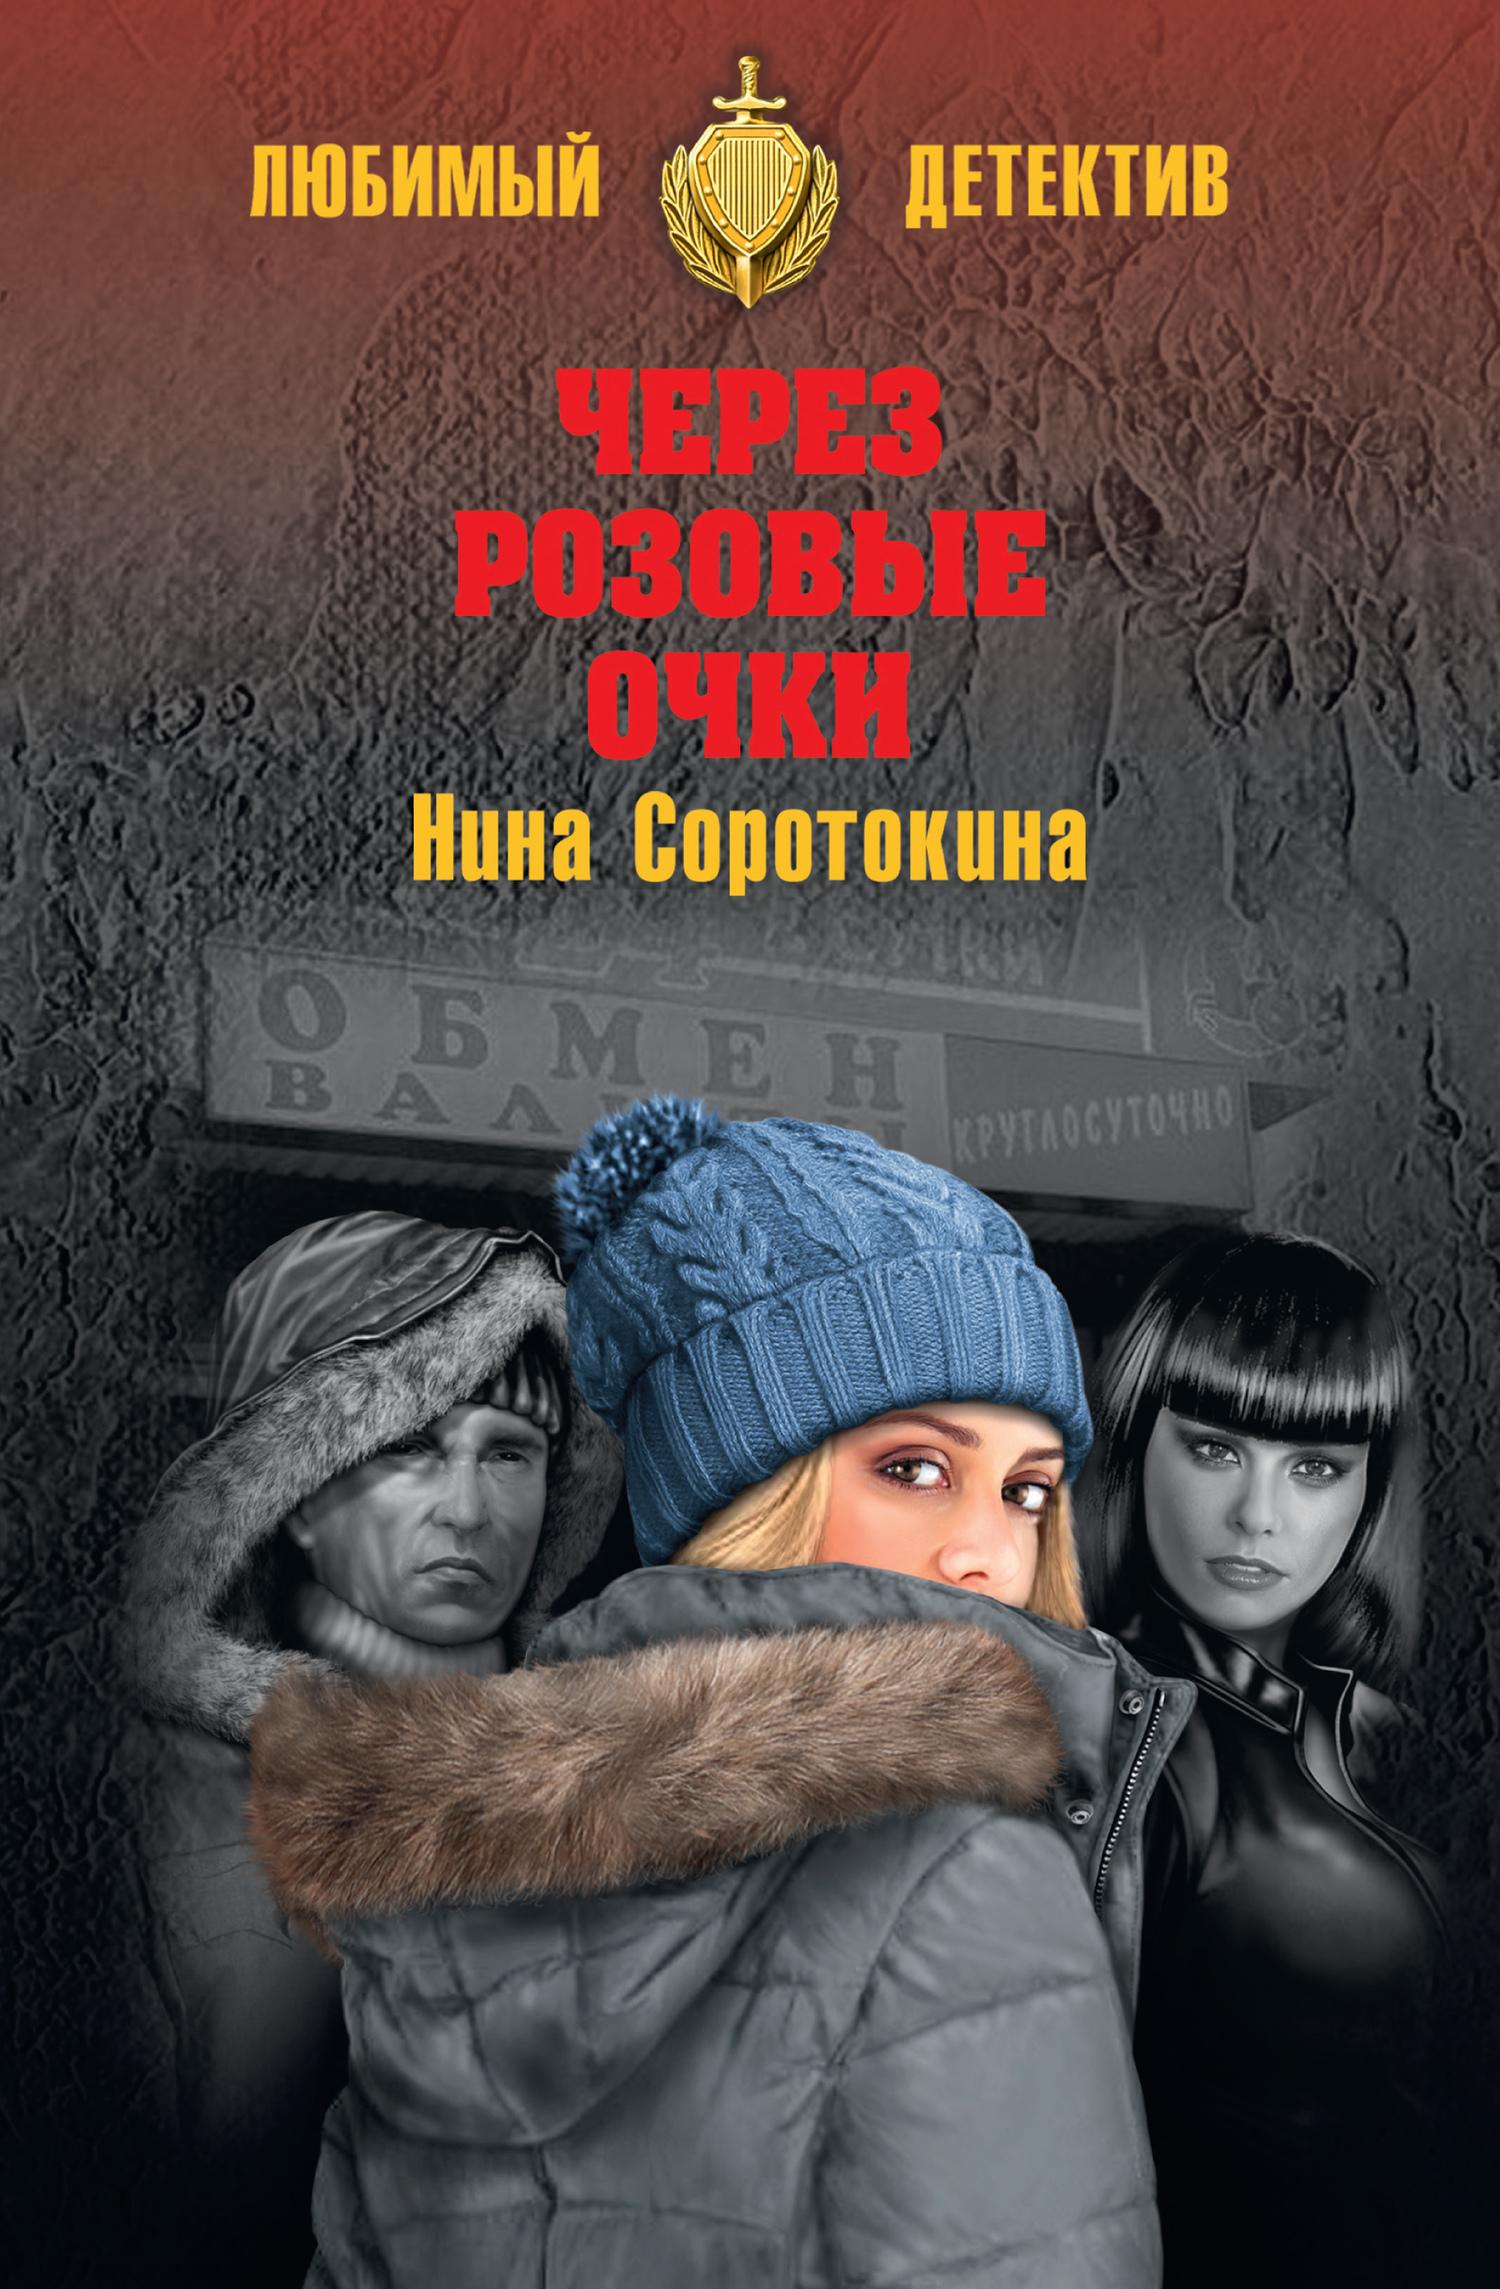 Нина Соротокина - Через розовые очки. Летний детектив (сборник)